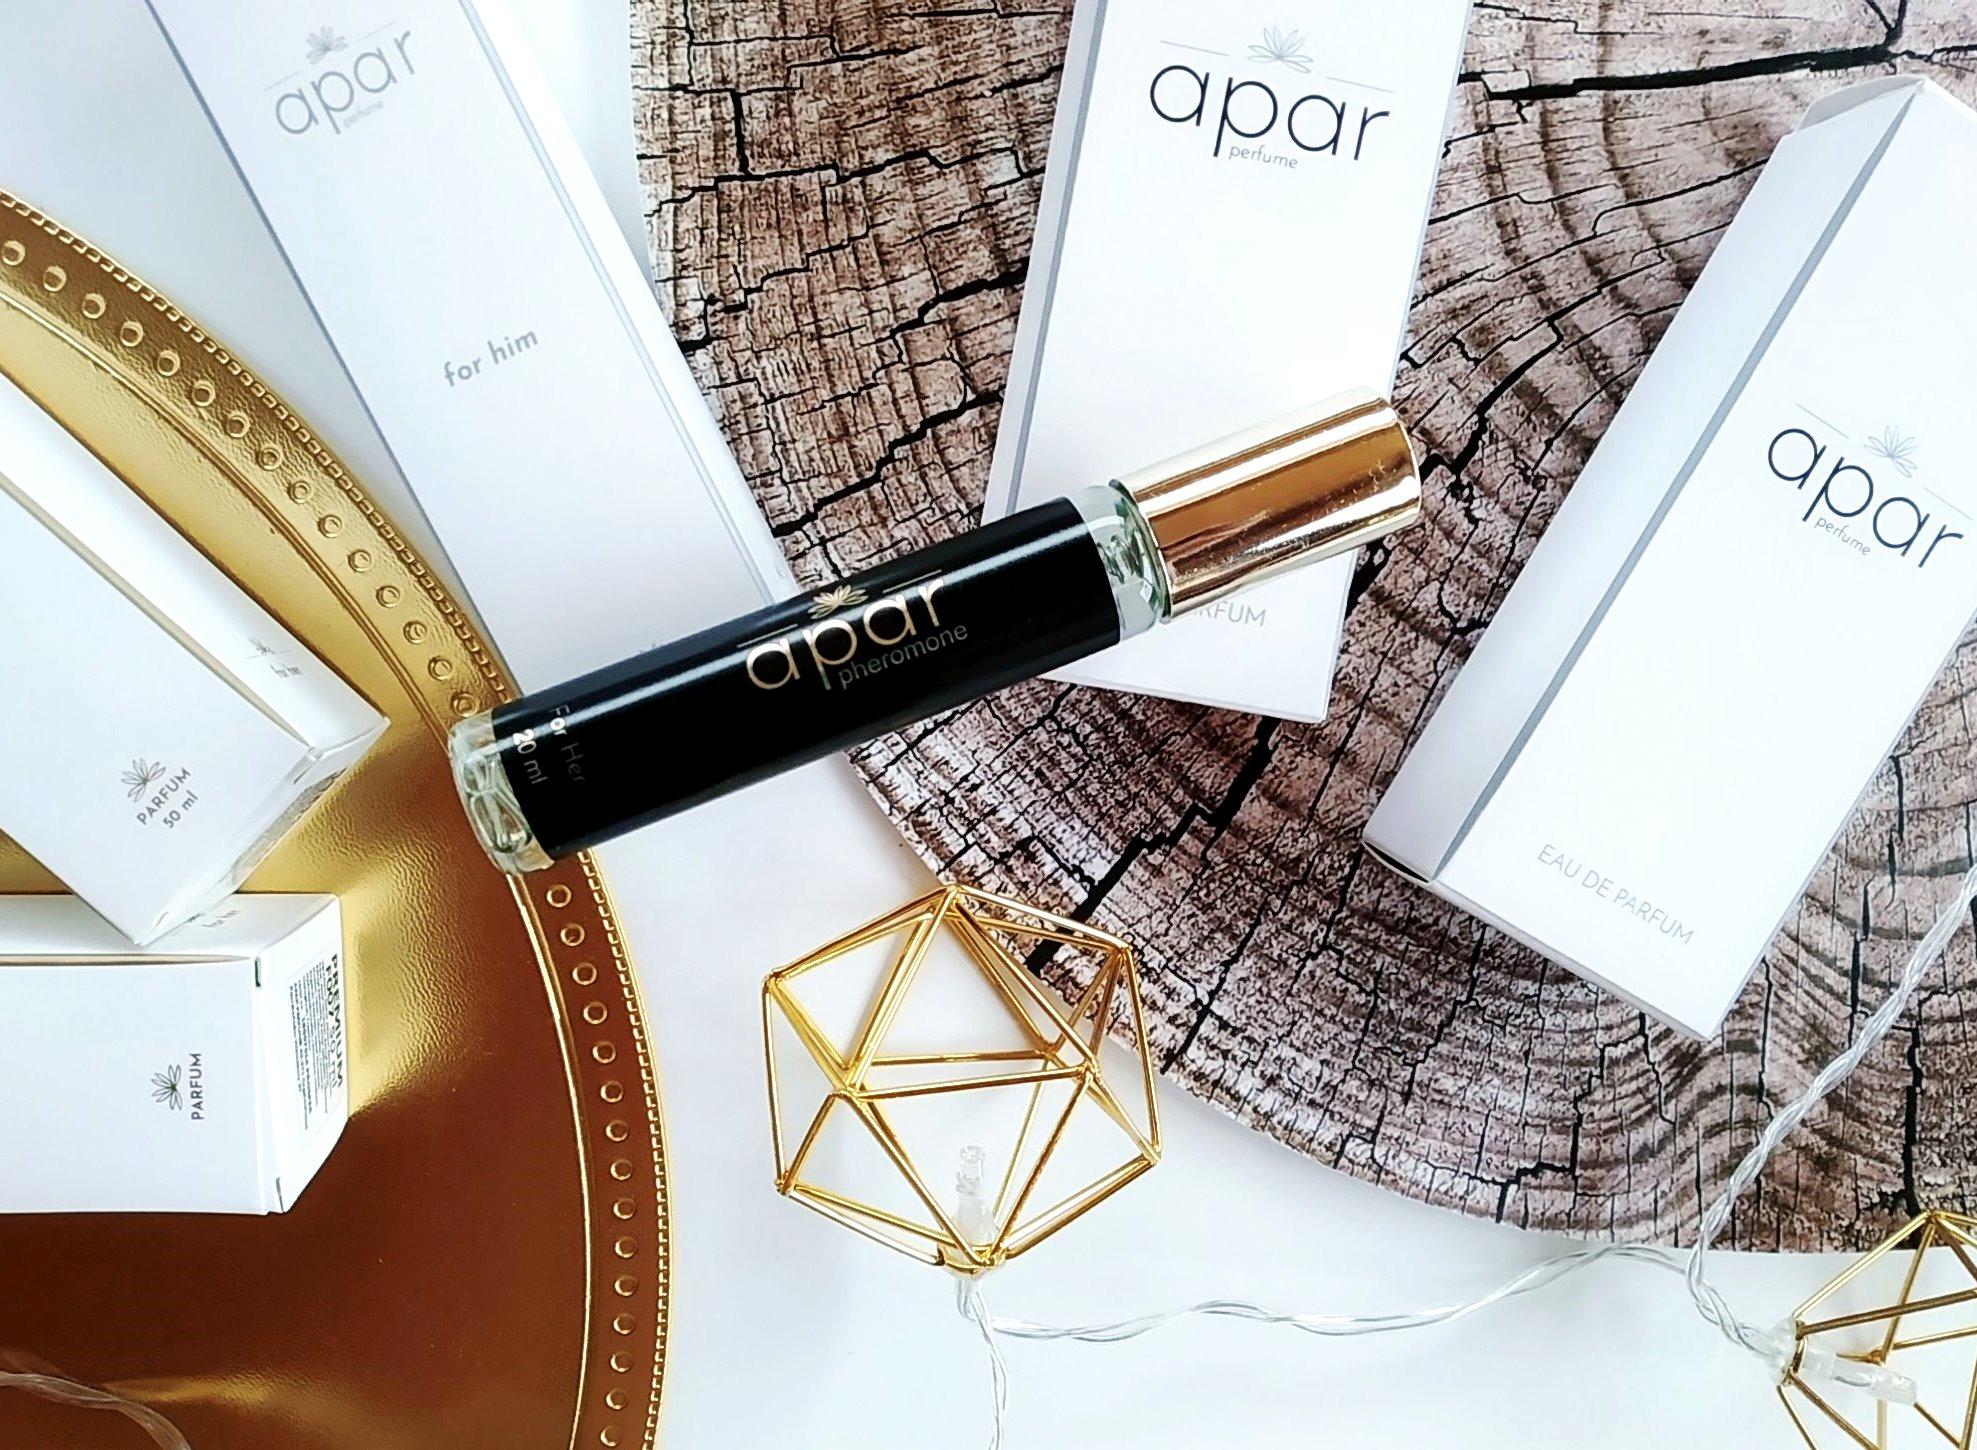 Bo prawdziwa magia perfum tkwi w odpowiednio dopasowanych, wysokiej jakości olejkach zapachowych -  APARPERFUME.PL